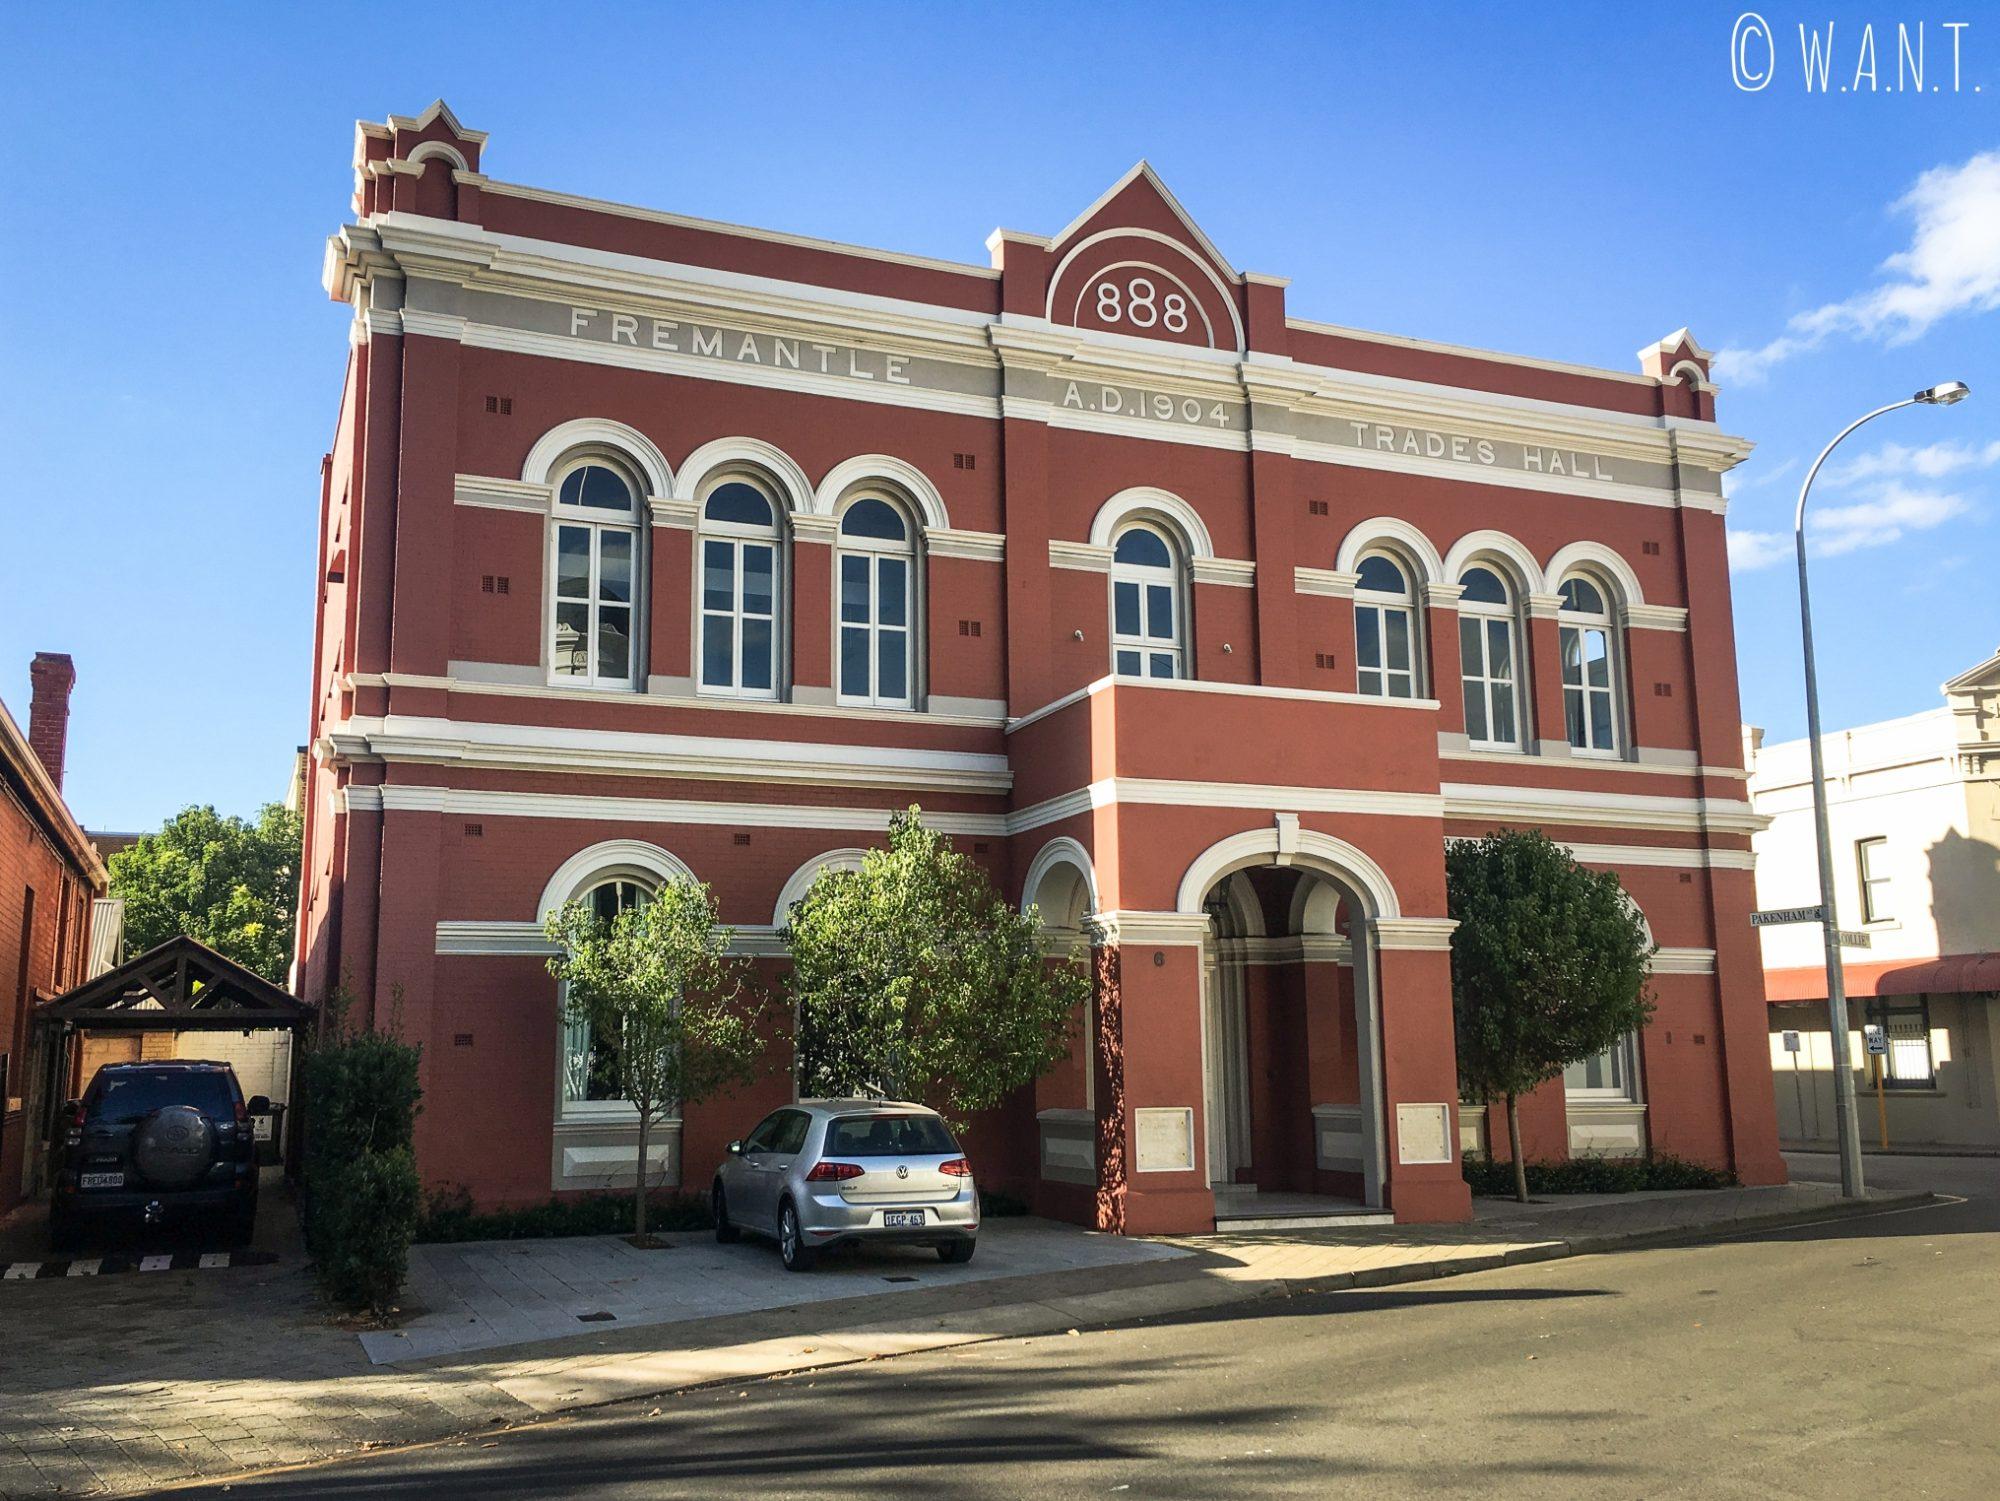 Les bâtiments des rues de Fremantle sont très caractéristiques de l'architecture du début du 20ème siècle